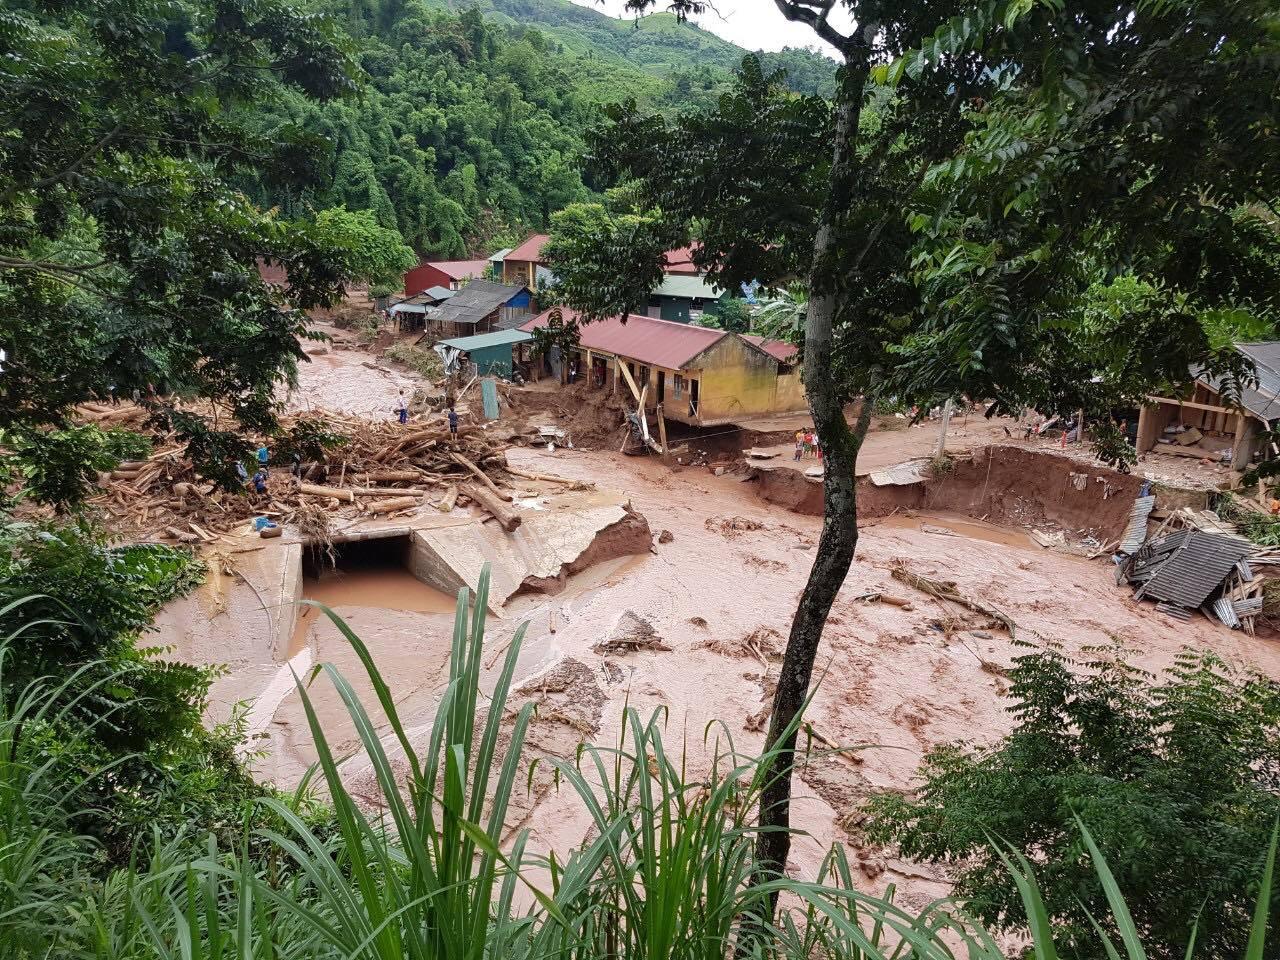 Lũ quét gây thiệt hại nặng nề tại xã Nậm Nhừ, huyện Nậm Pồ, Điện Biên vào ngày 17/8/2020